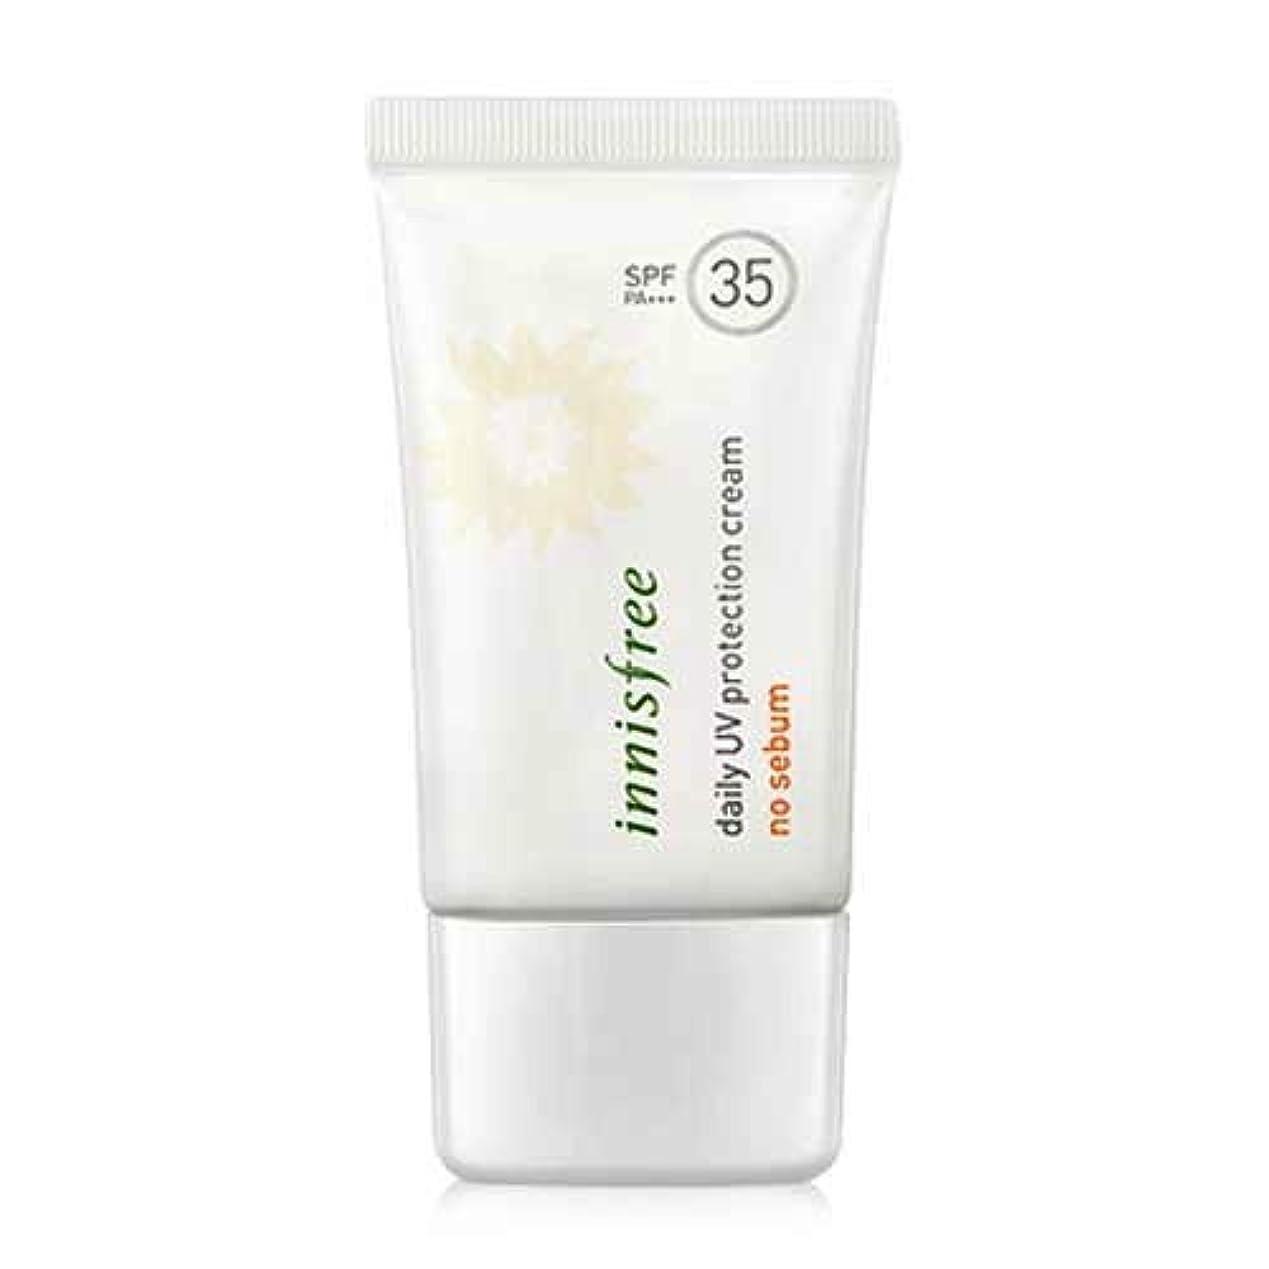 思いつくバック癌(3 Pack) INNISFREE Daily UV Protection Cream No Sebum SPF35 PA+++ (並行輸入品)